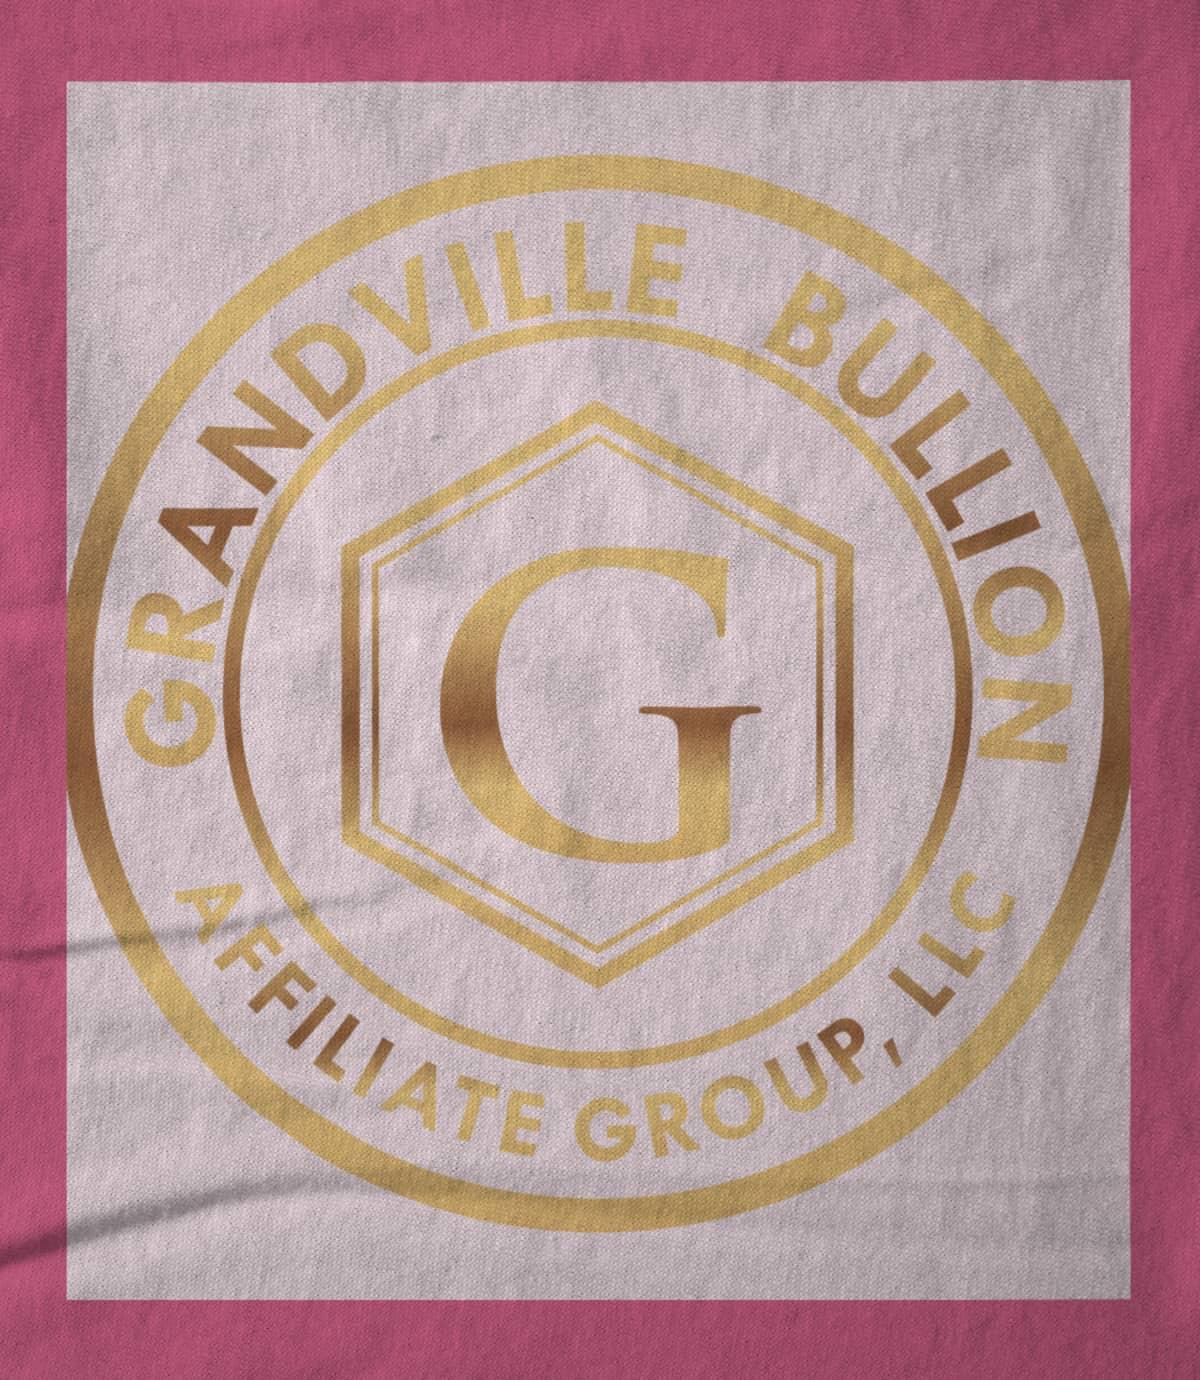 Grandville Bullion Group LLC